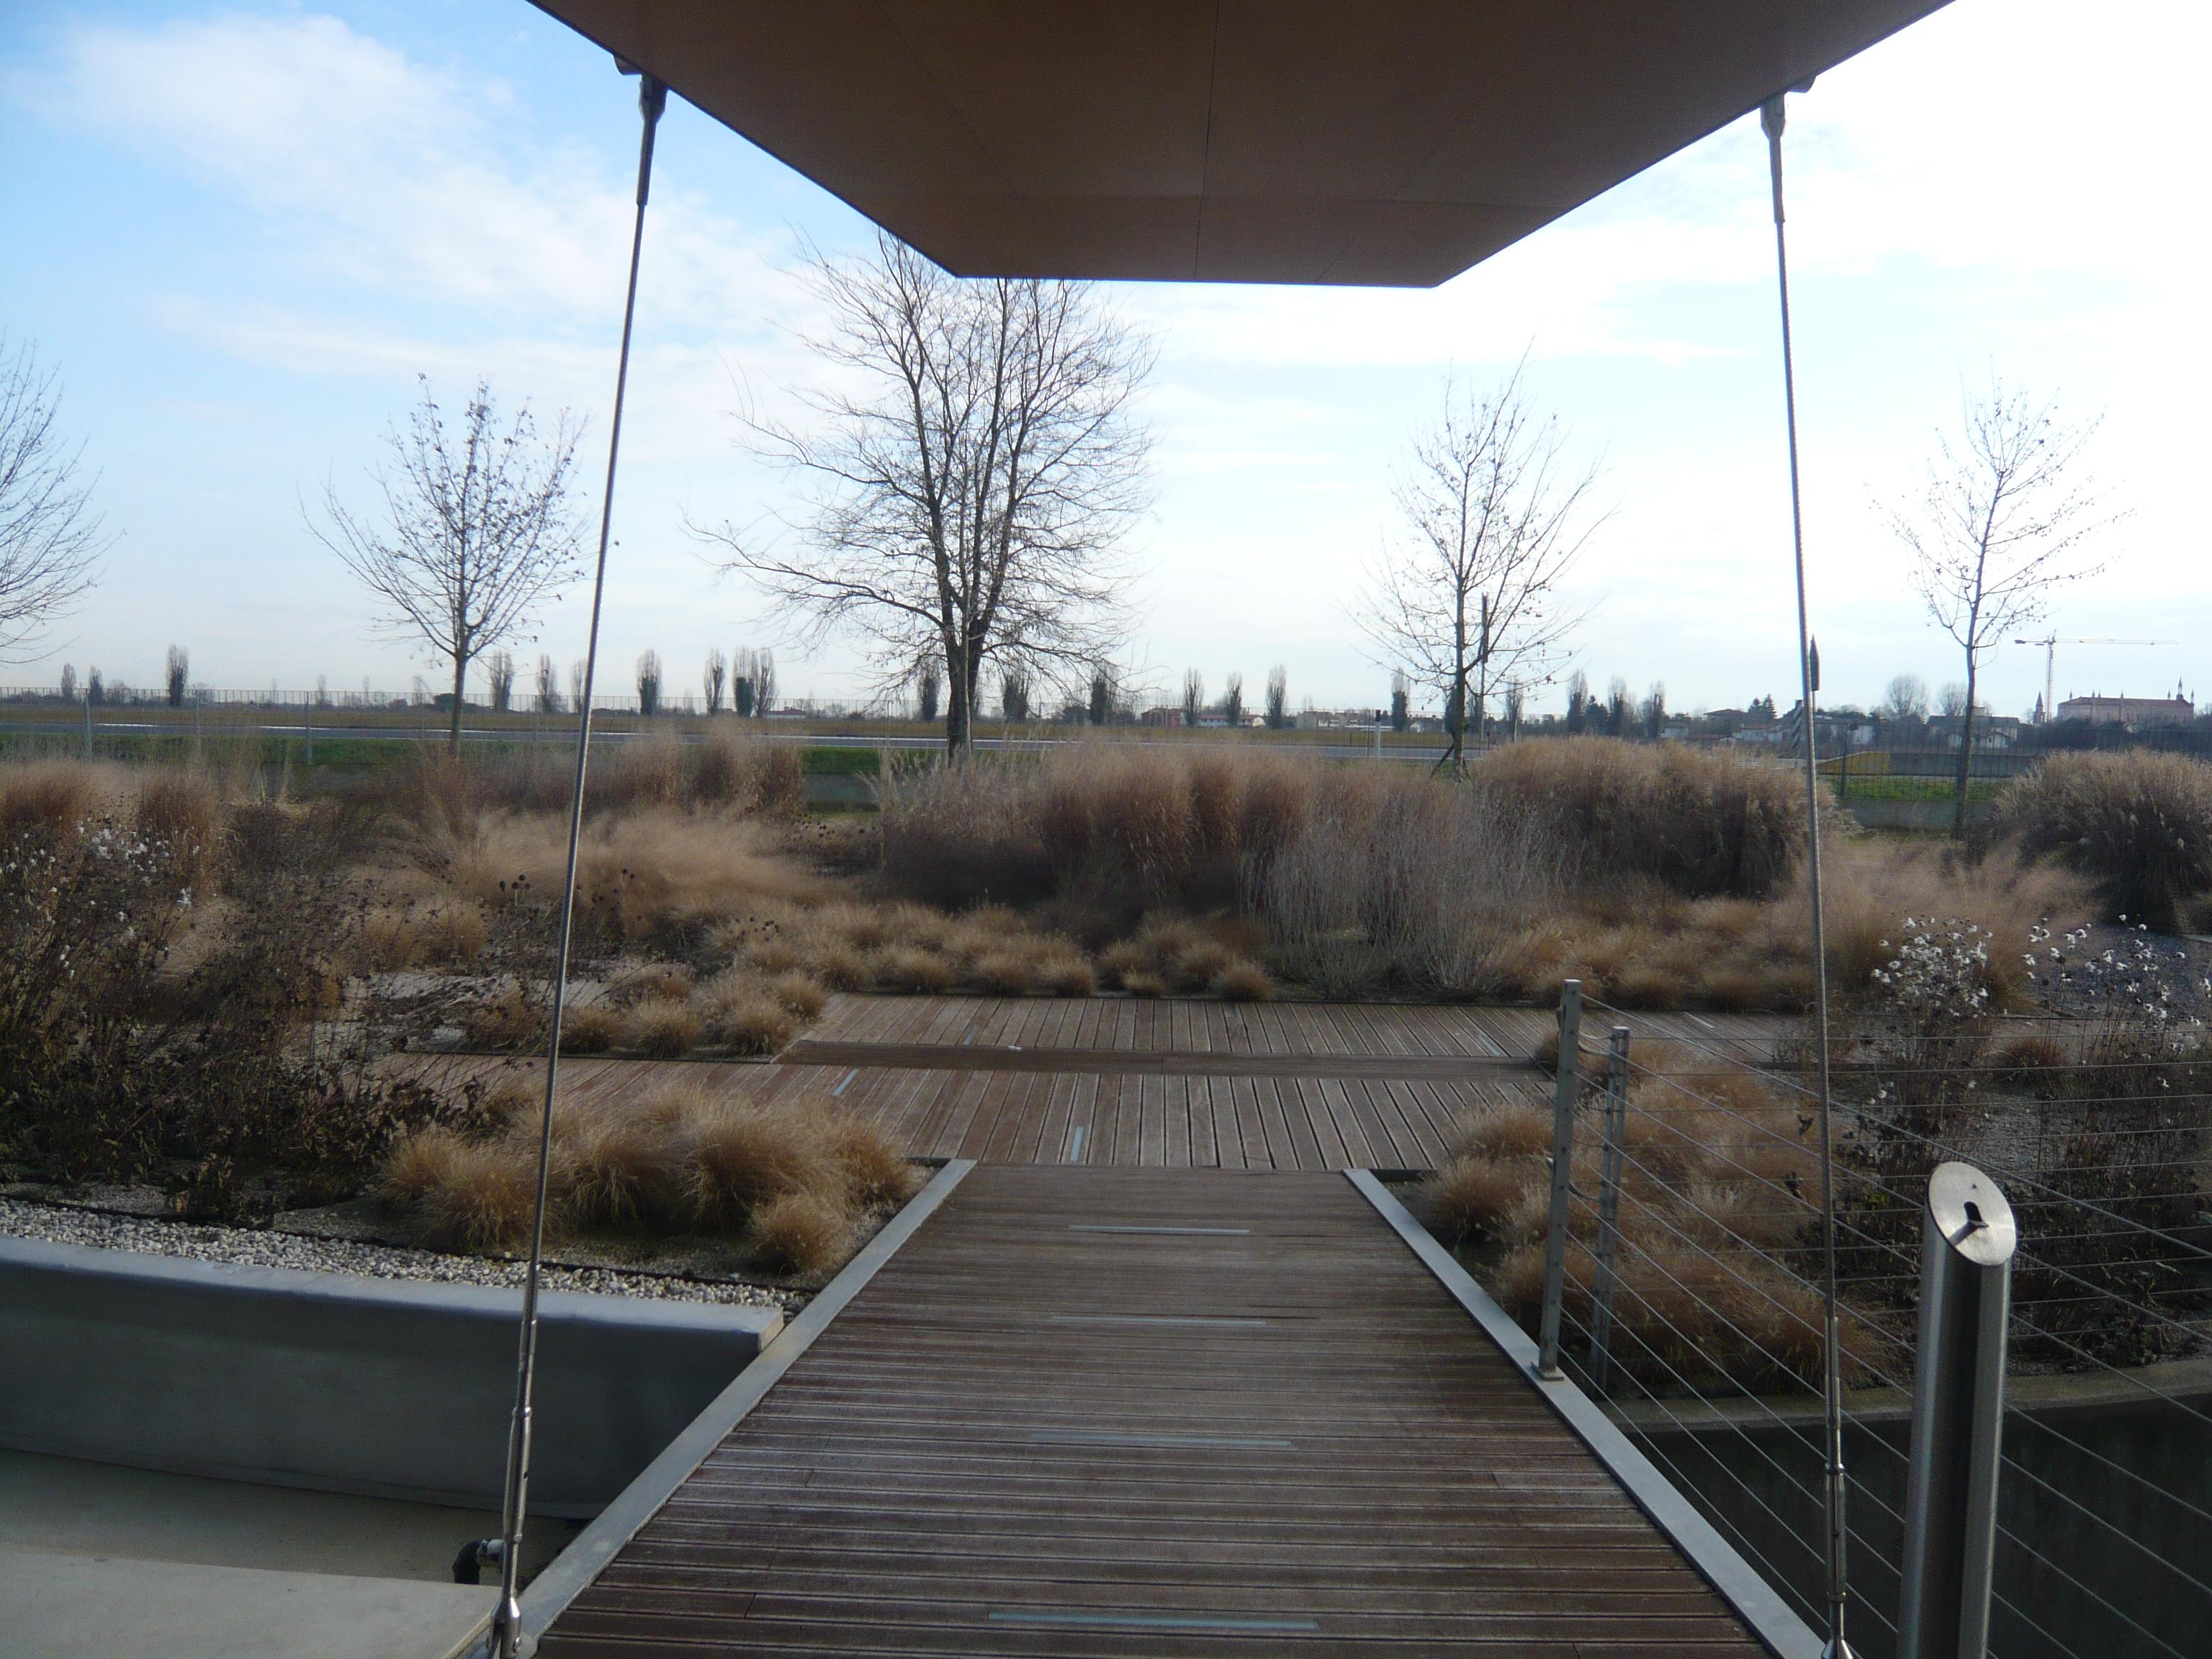 vista invernale all'uscita dell'ingresso principale.